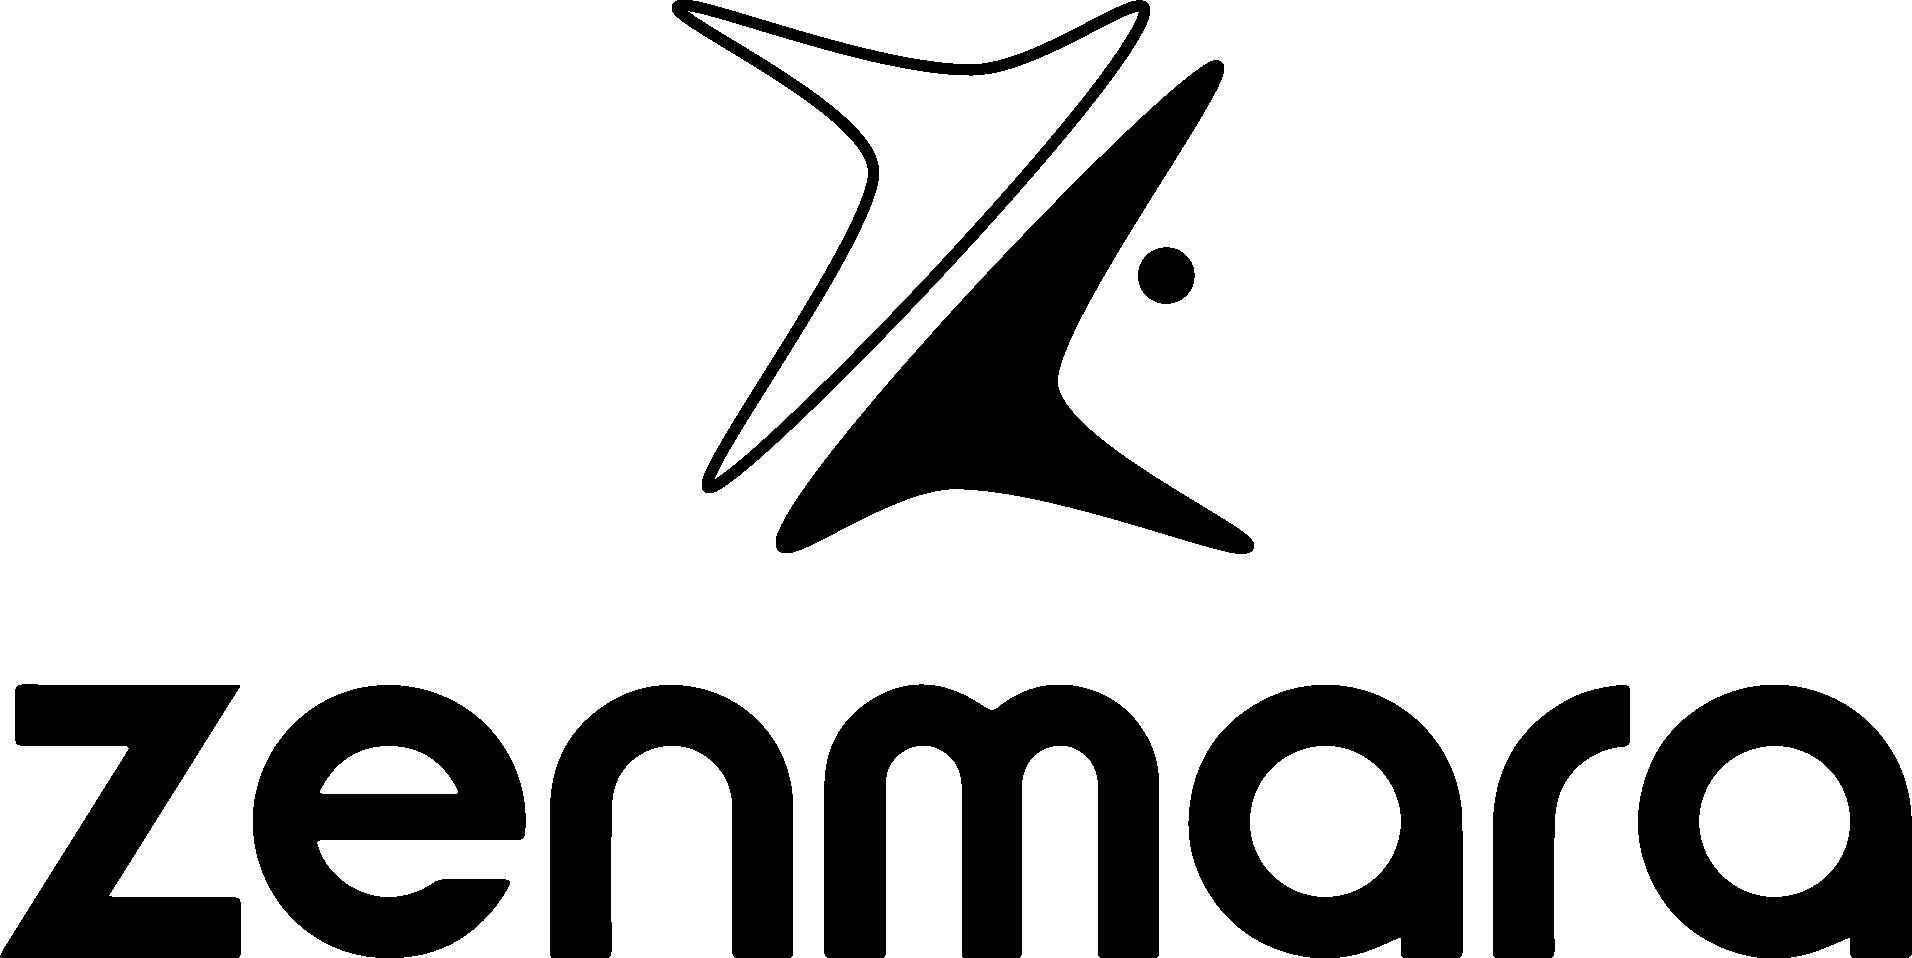 Zenmara